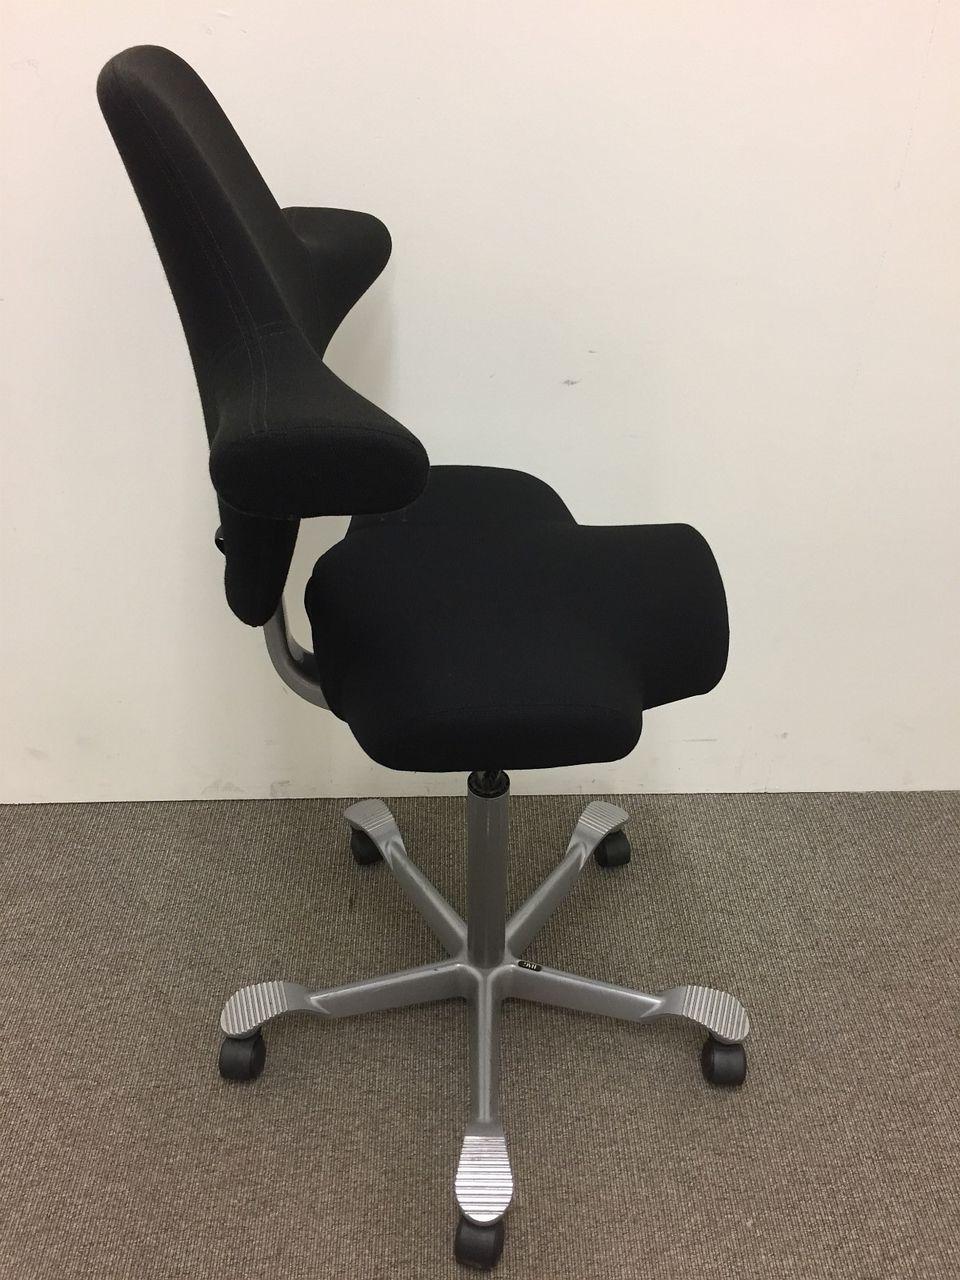 1 stk Håg Capisco kontorstol med sort trekk og stepup